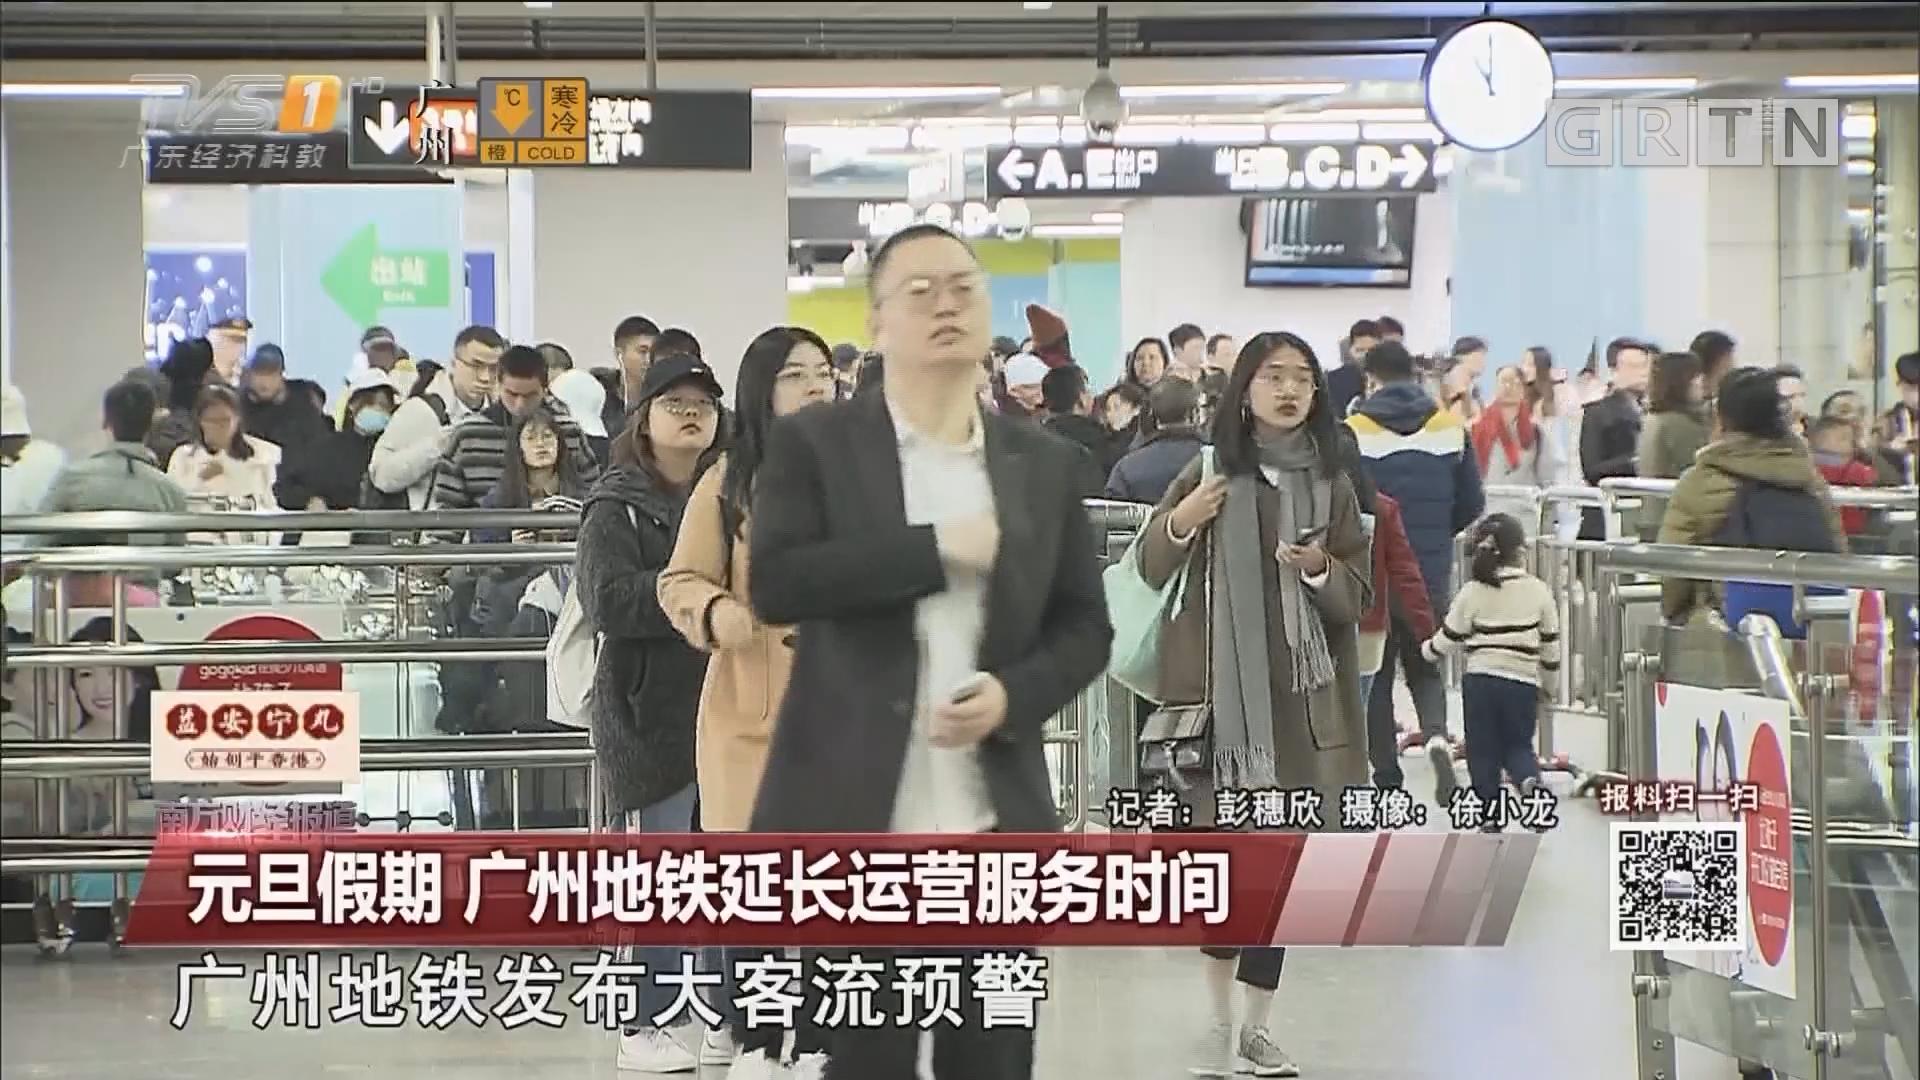 元旦假期 广州地铁延长运营服务时间